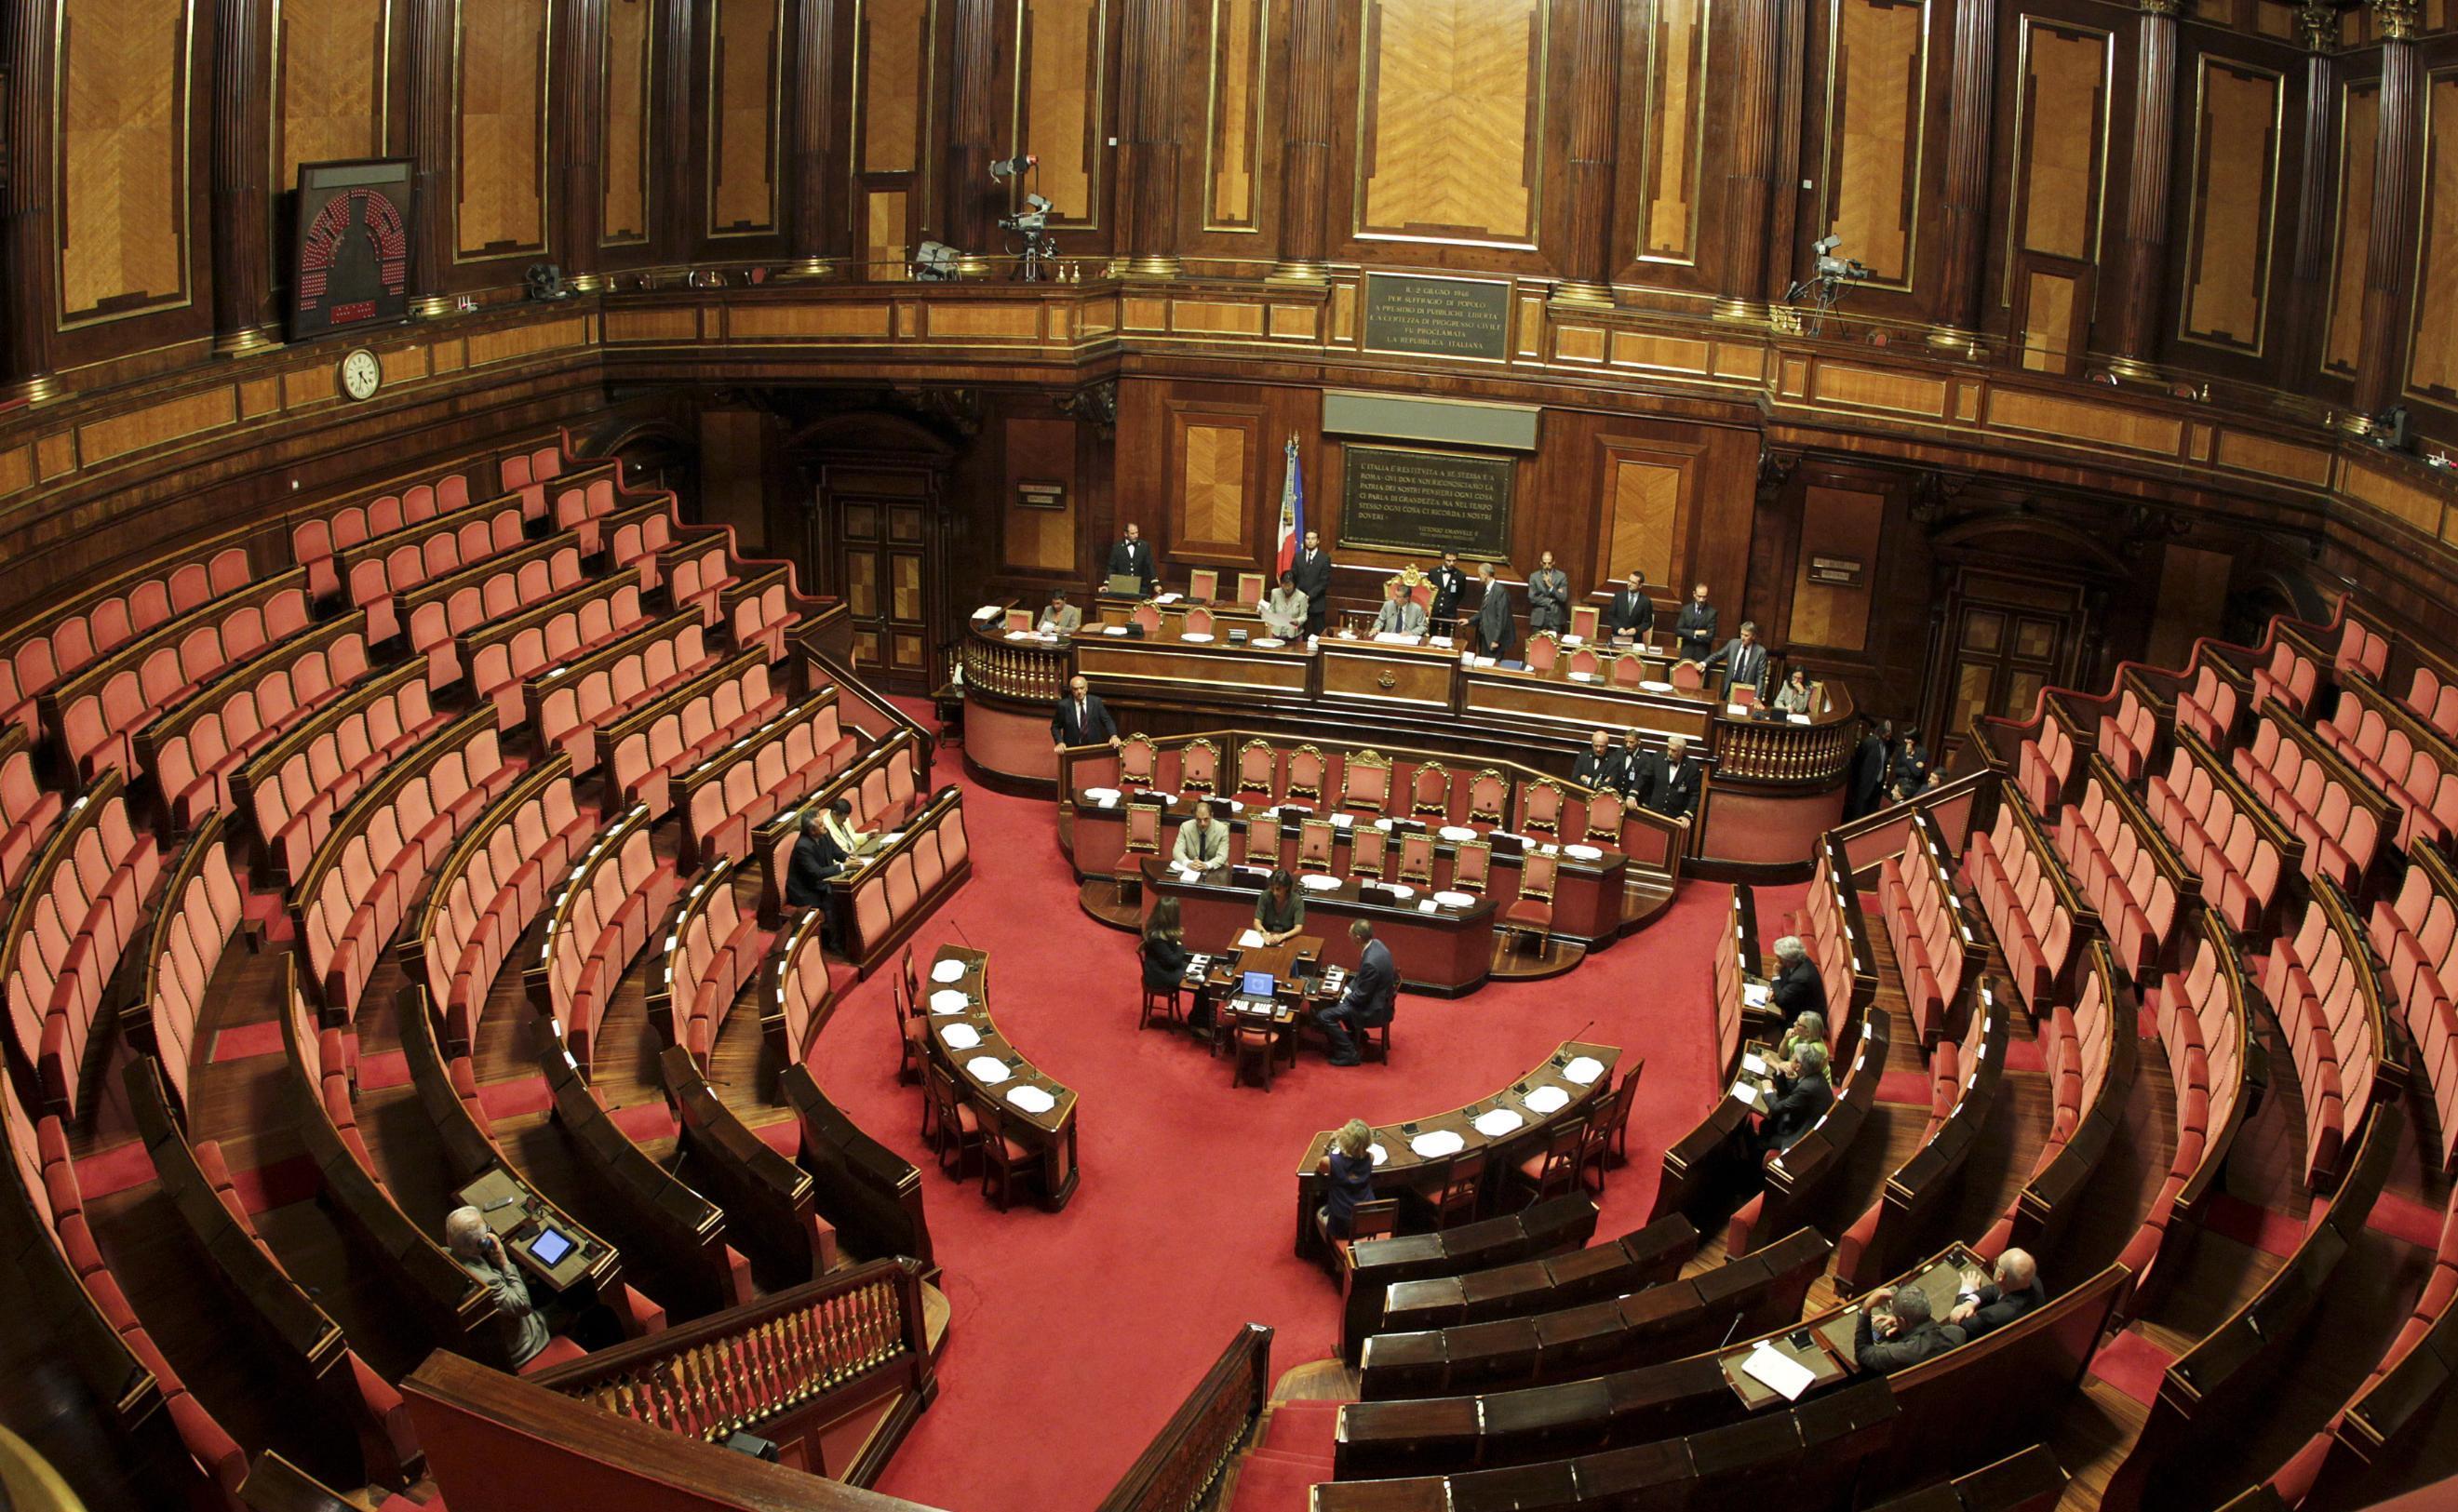 Taglio ai rimborsi dei partiti aula vuota deputati in for Parlamento della repubblica